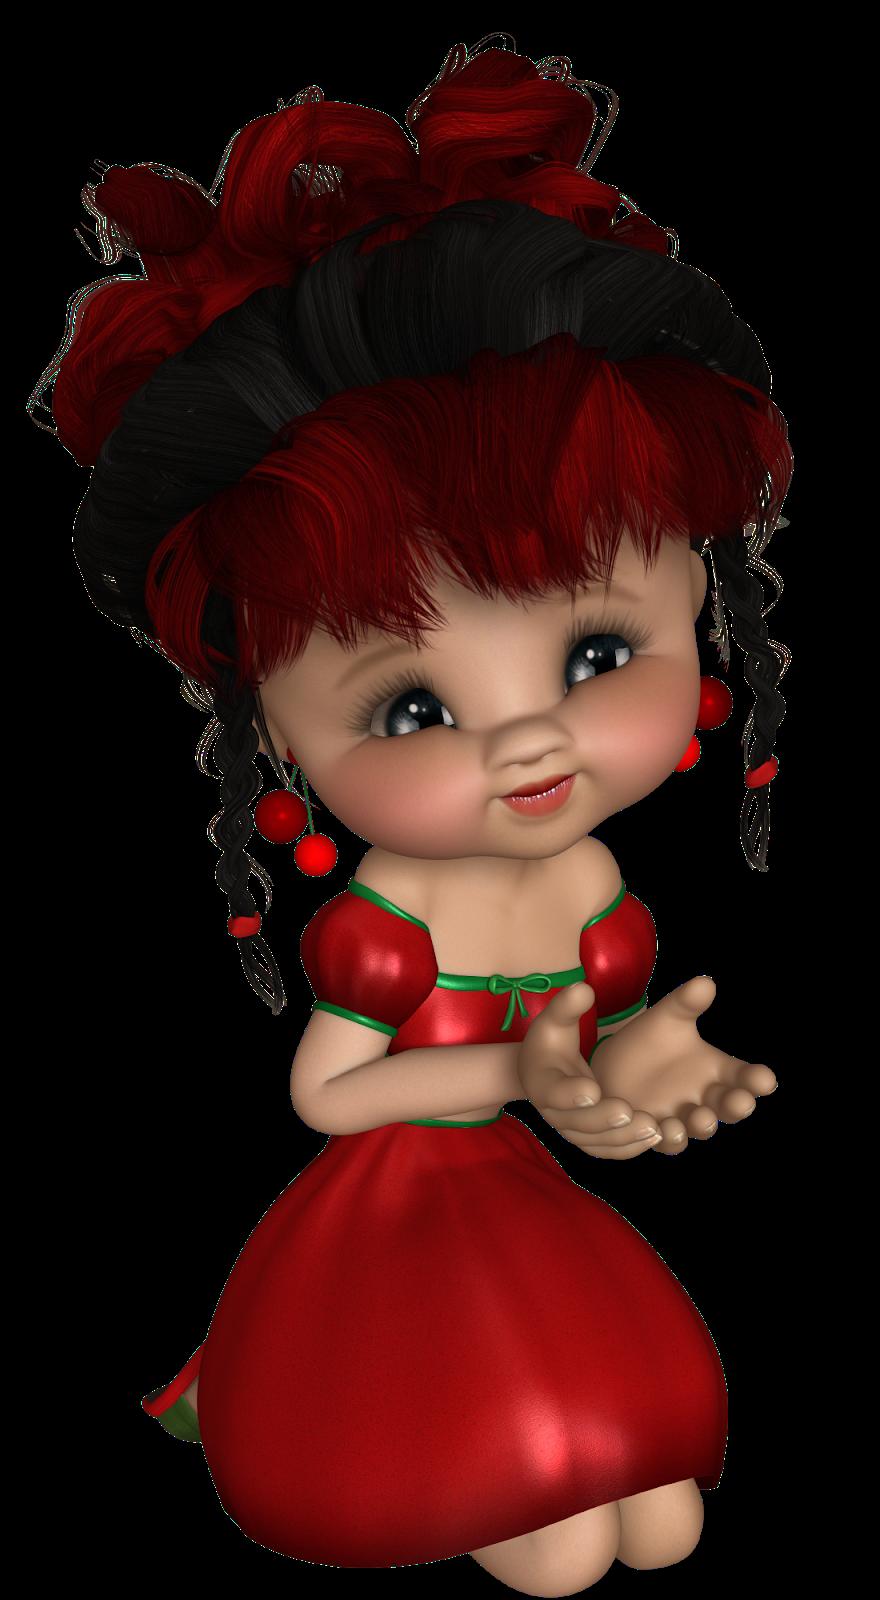 Image Larissa422 4 in VARIAS-LARISSA album | Куклы, Картинки